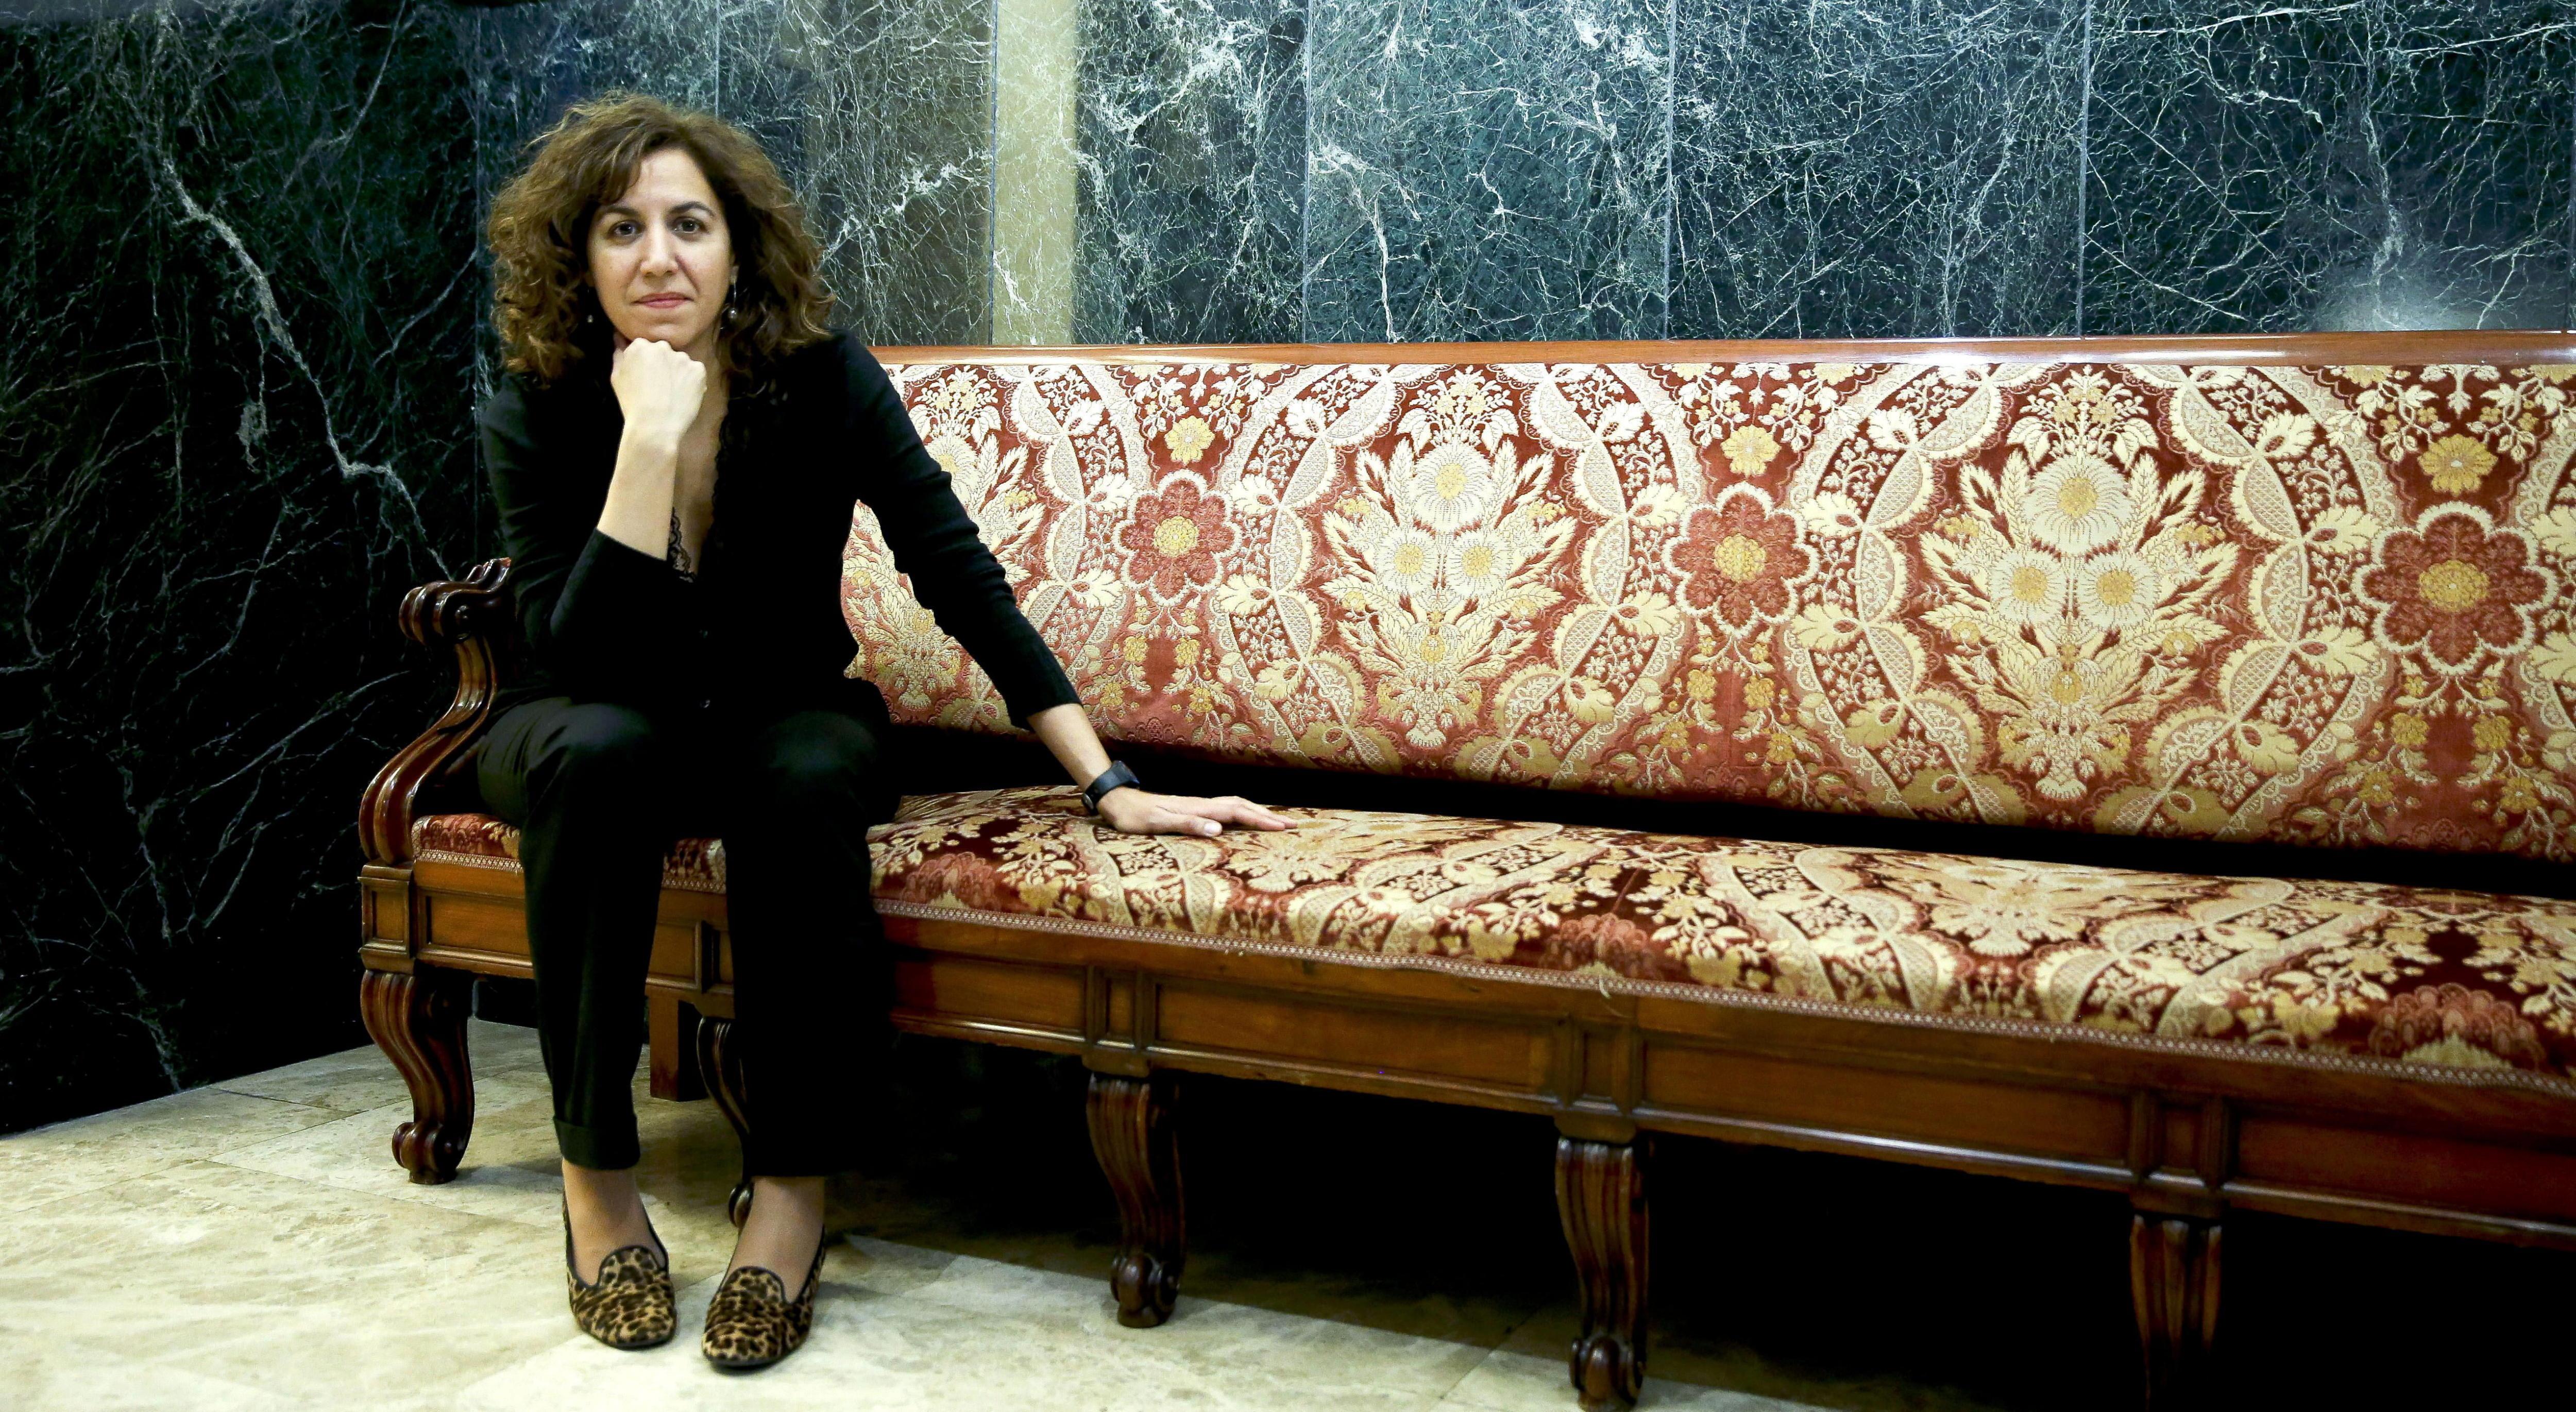 Irene Lozano, de UPyD, cree que el Gobierno no ha hecho reformas, sólo recortes